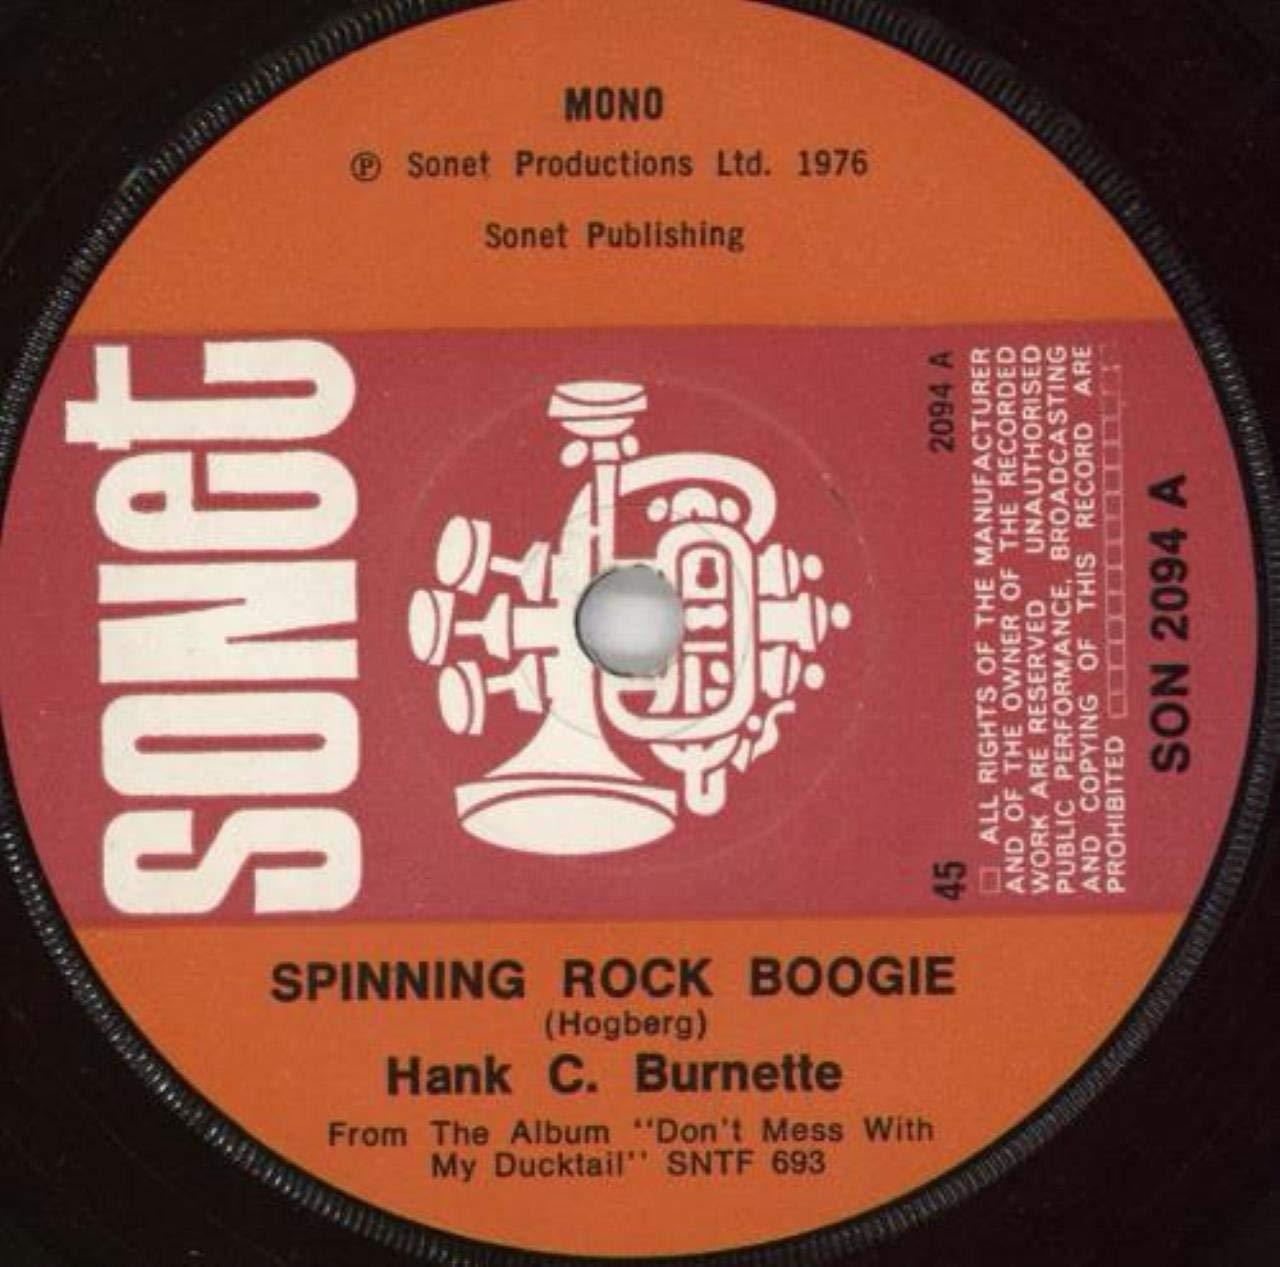 Spinning Rock Boogie - Hank C. Burnette 7